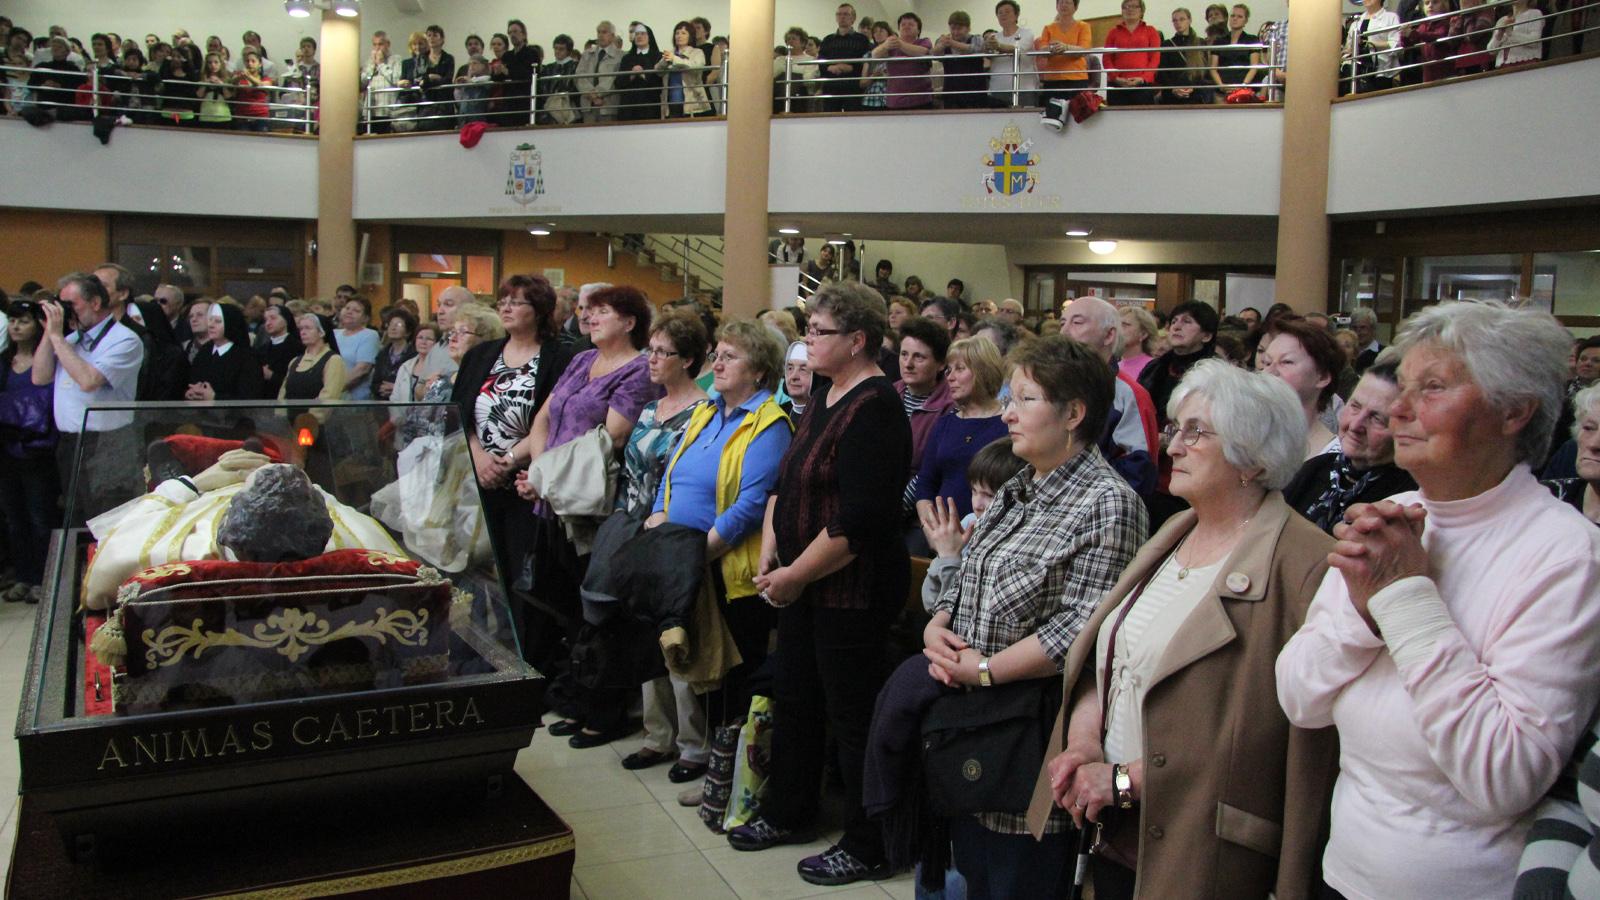 2013 Don Bosco prišiel do Banskej Bystrice